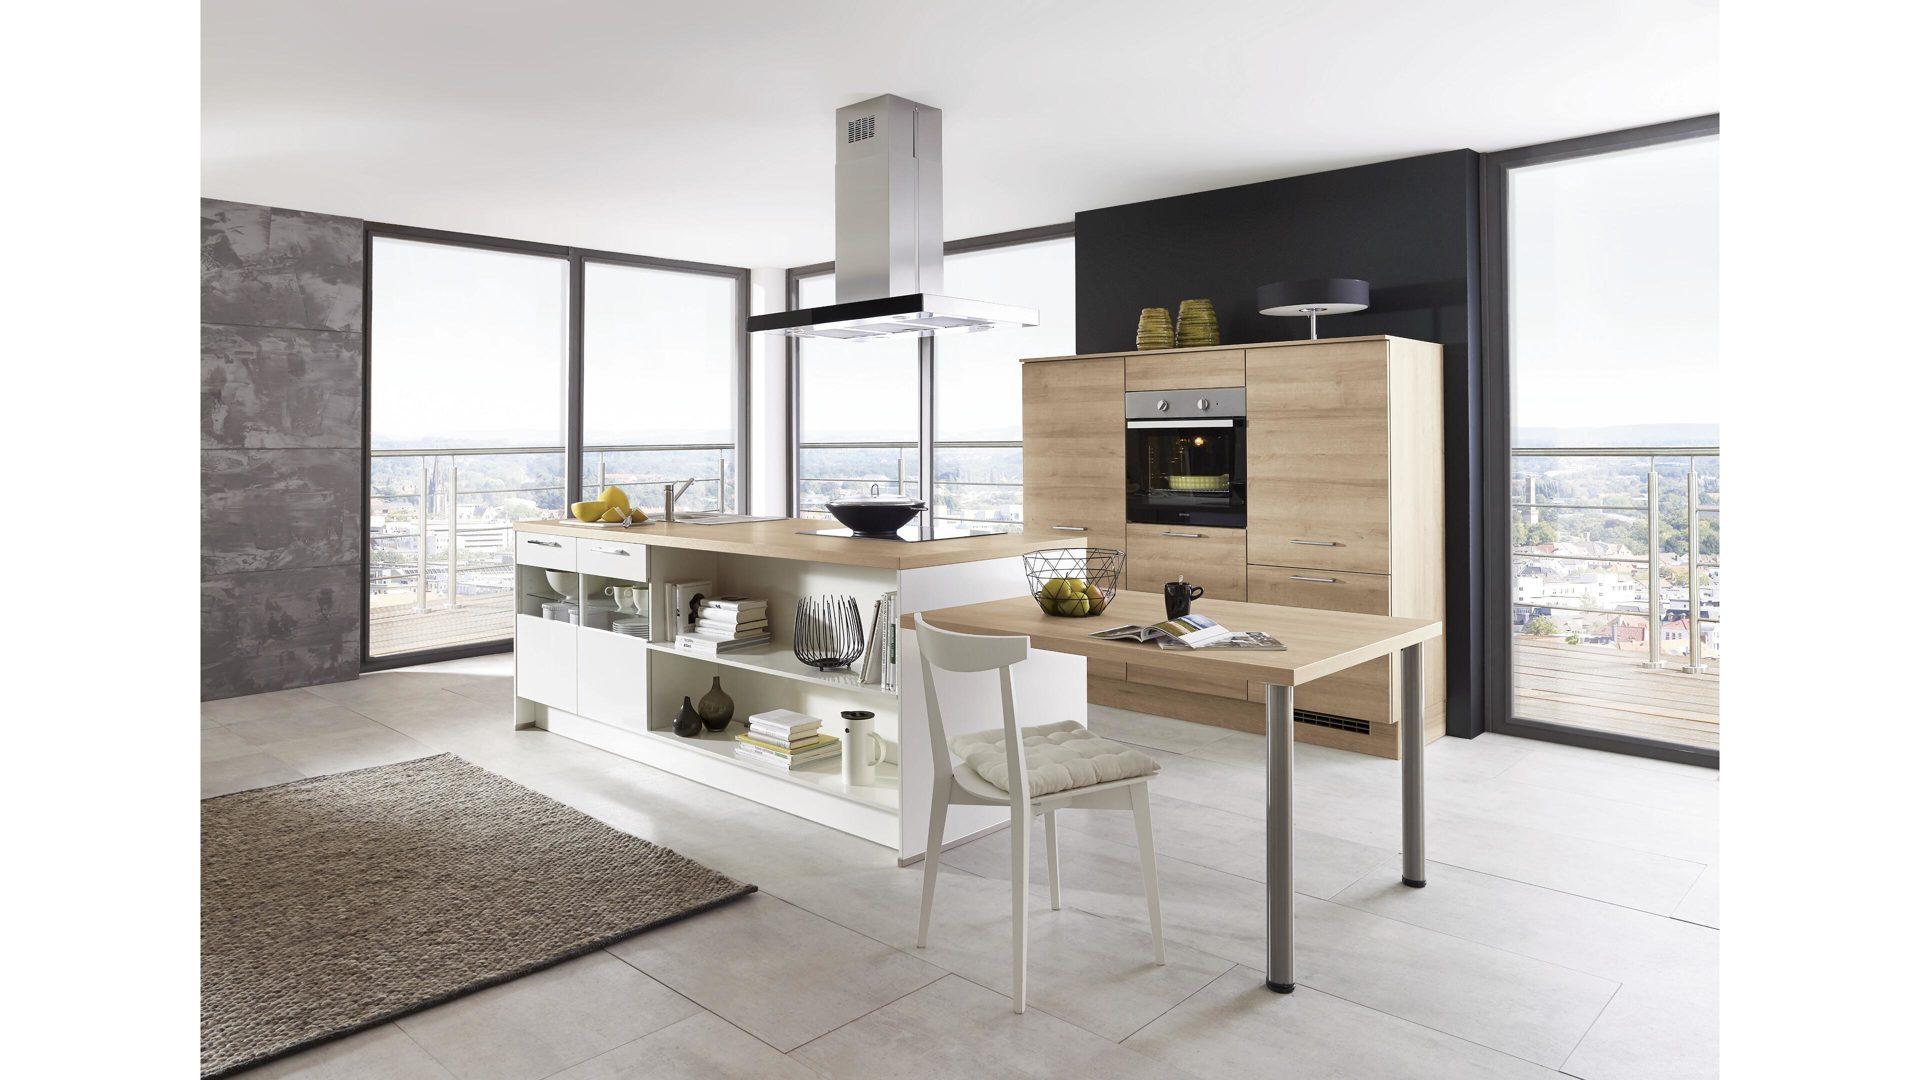 Wohnland Breitwieser , Räume, Küche, ALLES Küche ...